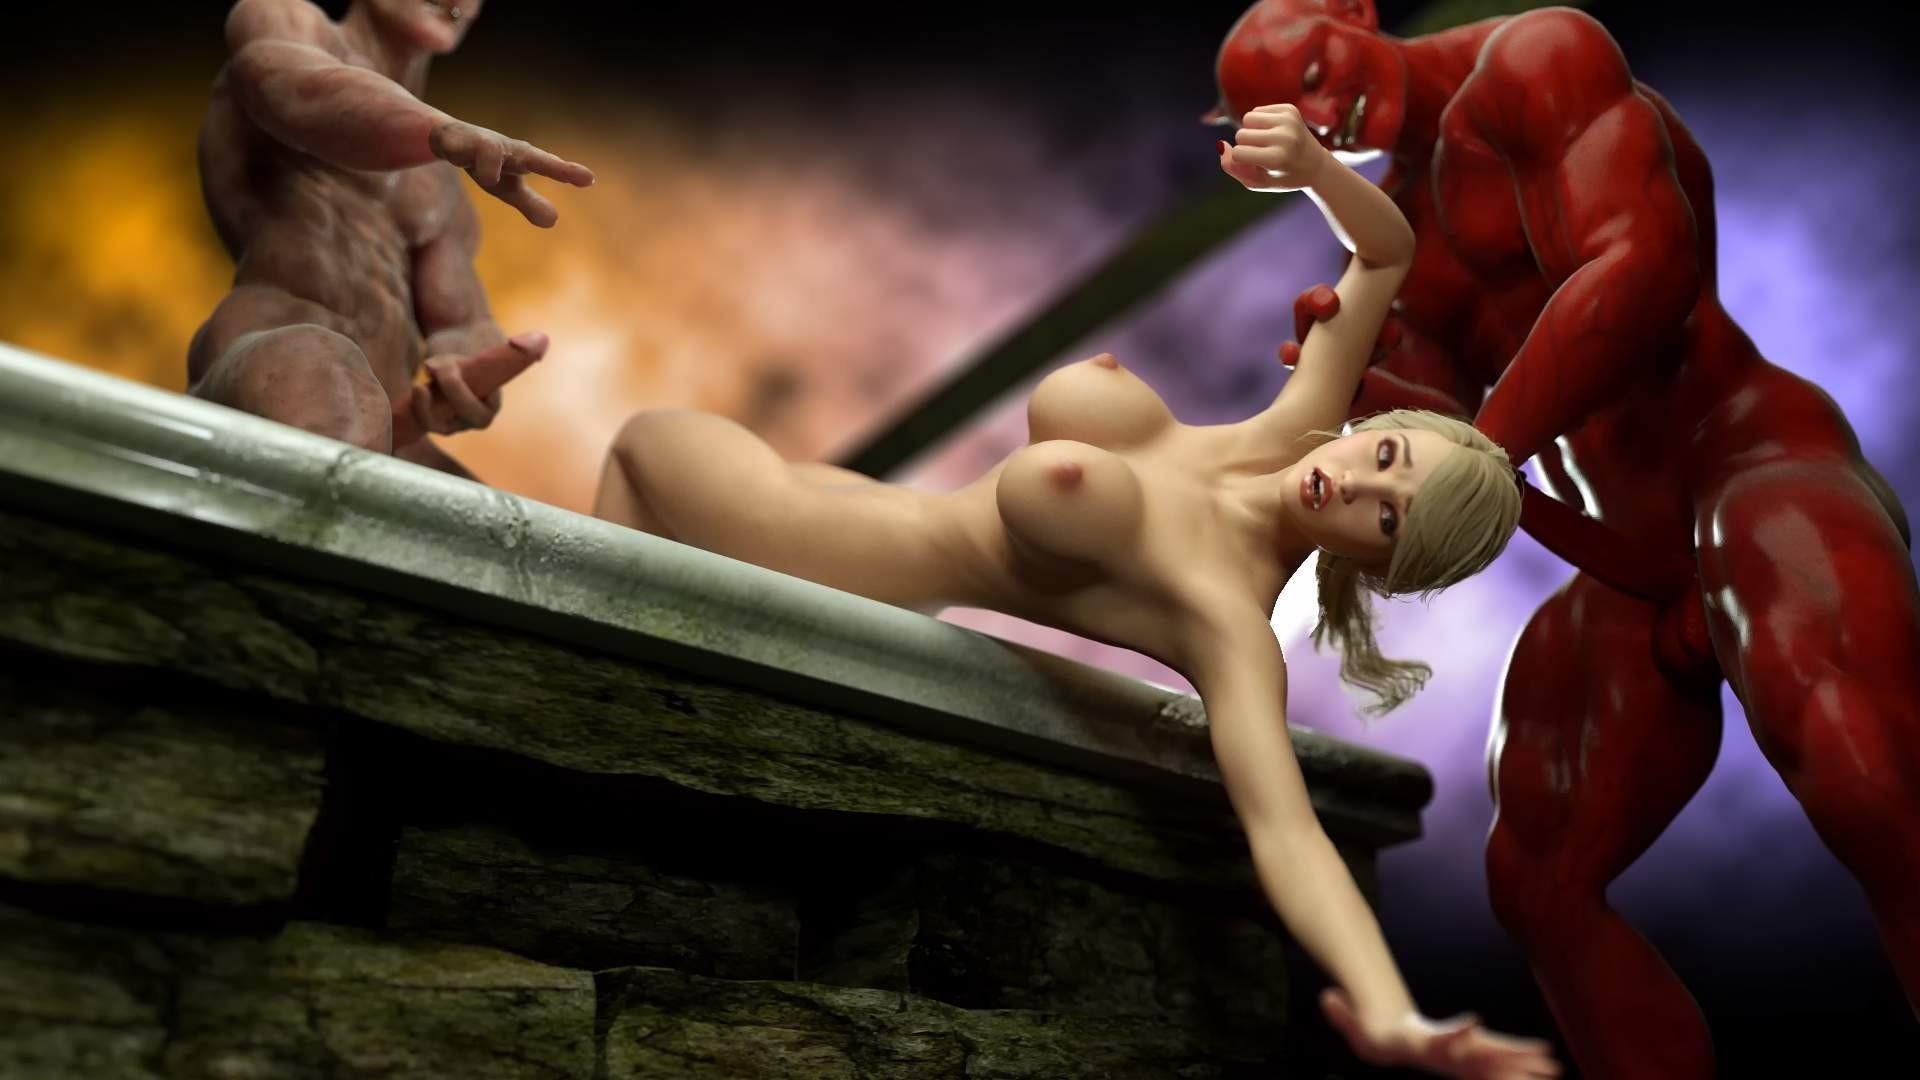 Онлайн порно игры с демонами